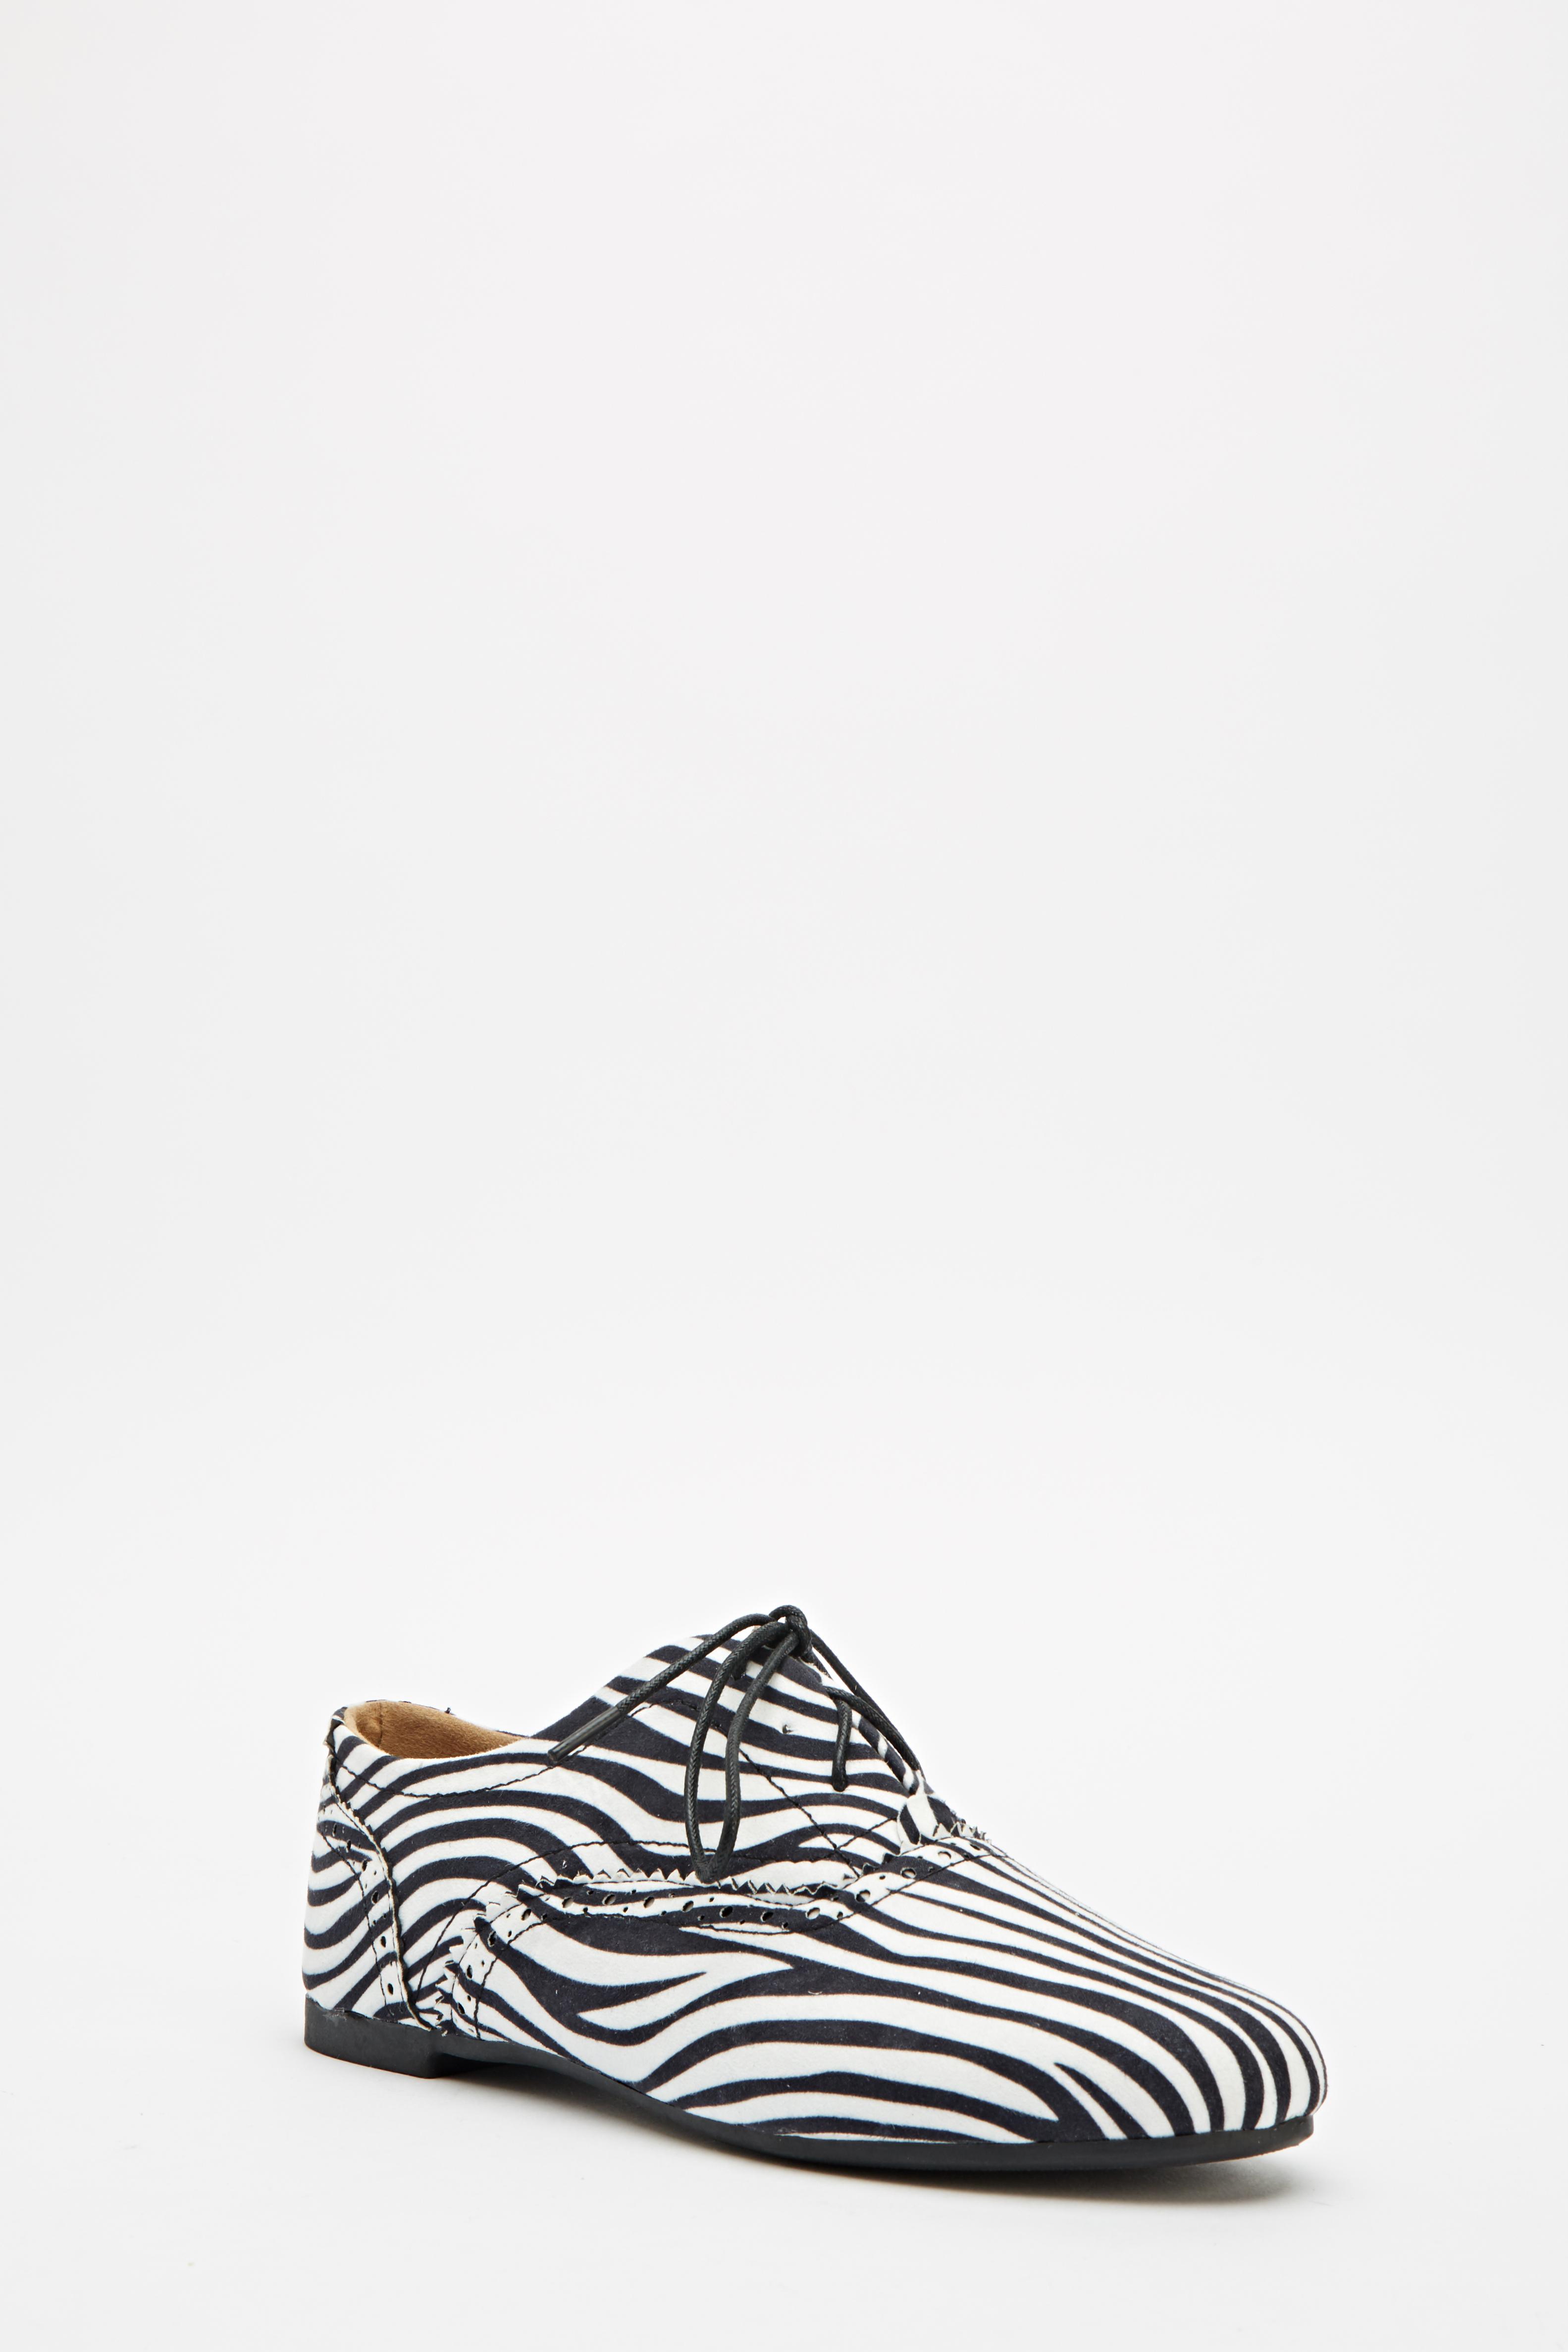 e3de4e0f48cc Zebra Print Lace Up Shoes - Just £5